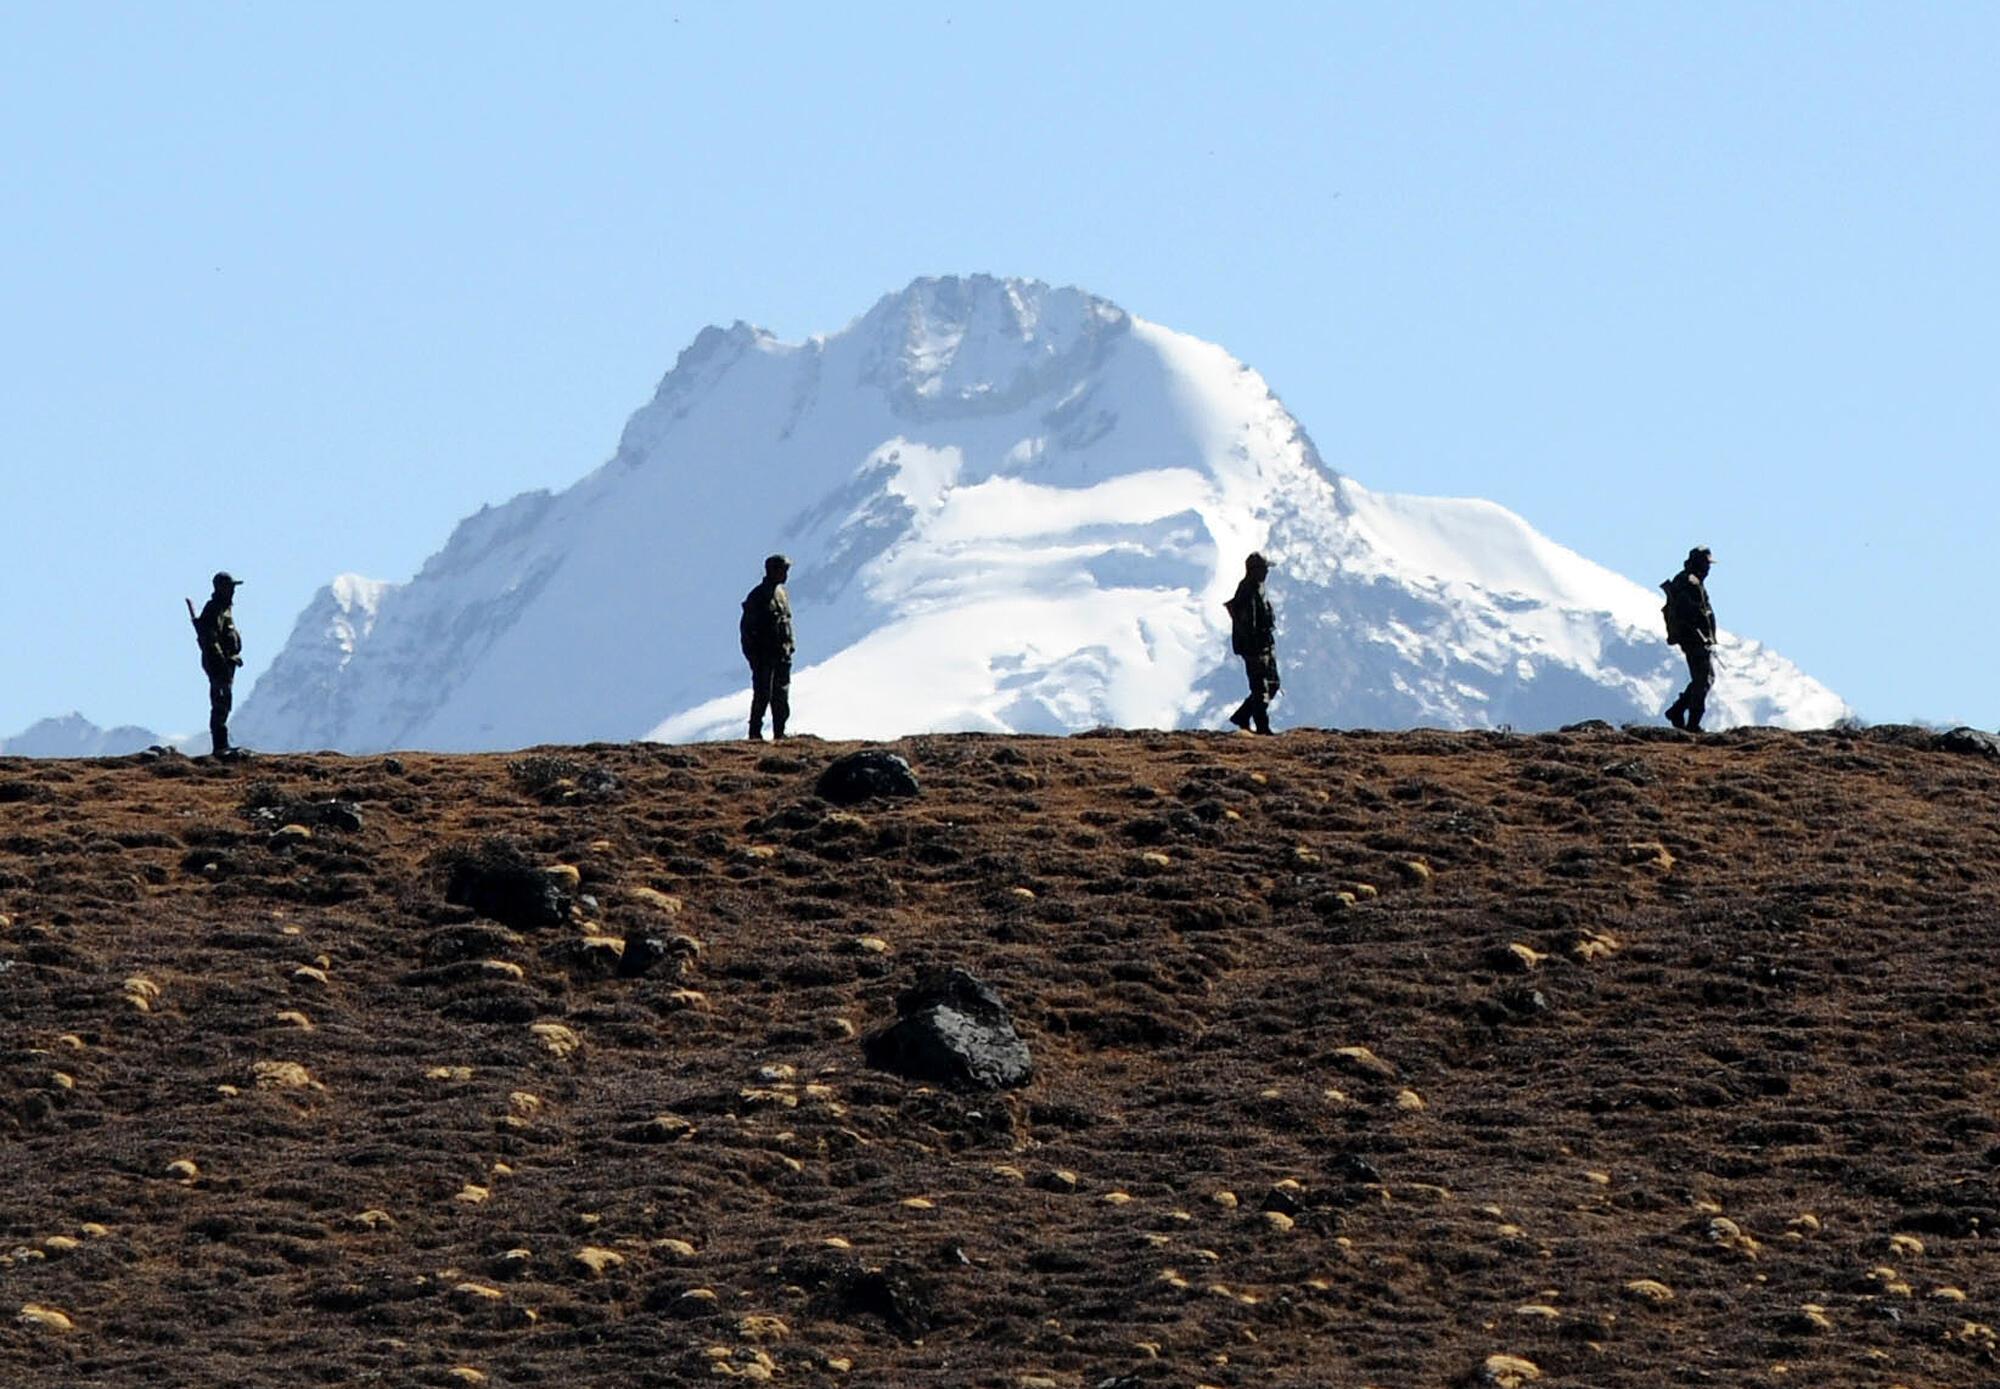 Ảnh tự liệu: Quân đội Ấn Độ canh giữ đèo Bumla, Arunachal Pradesh, khu vực biên giới tranh chấp với Trung Quốc.